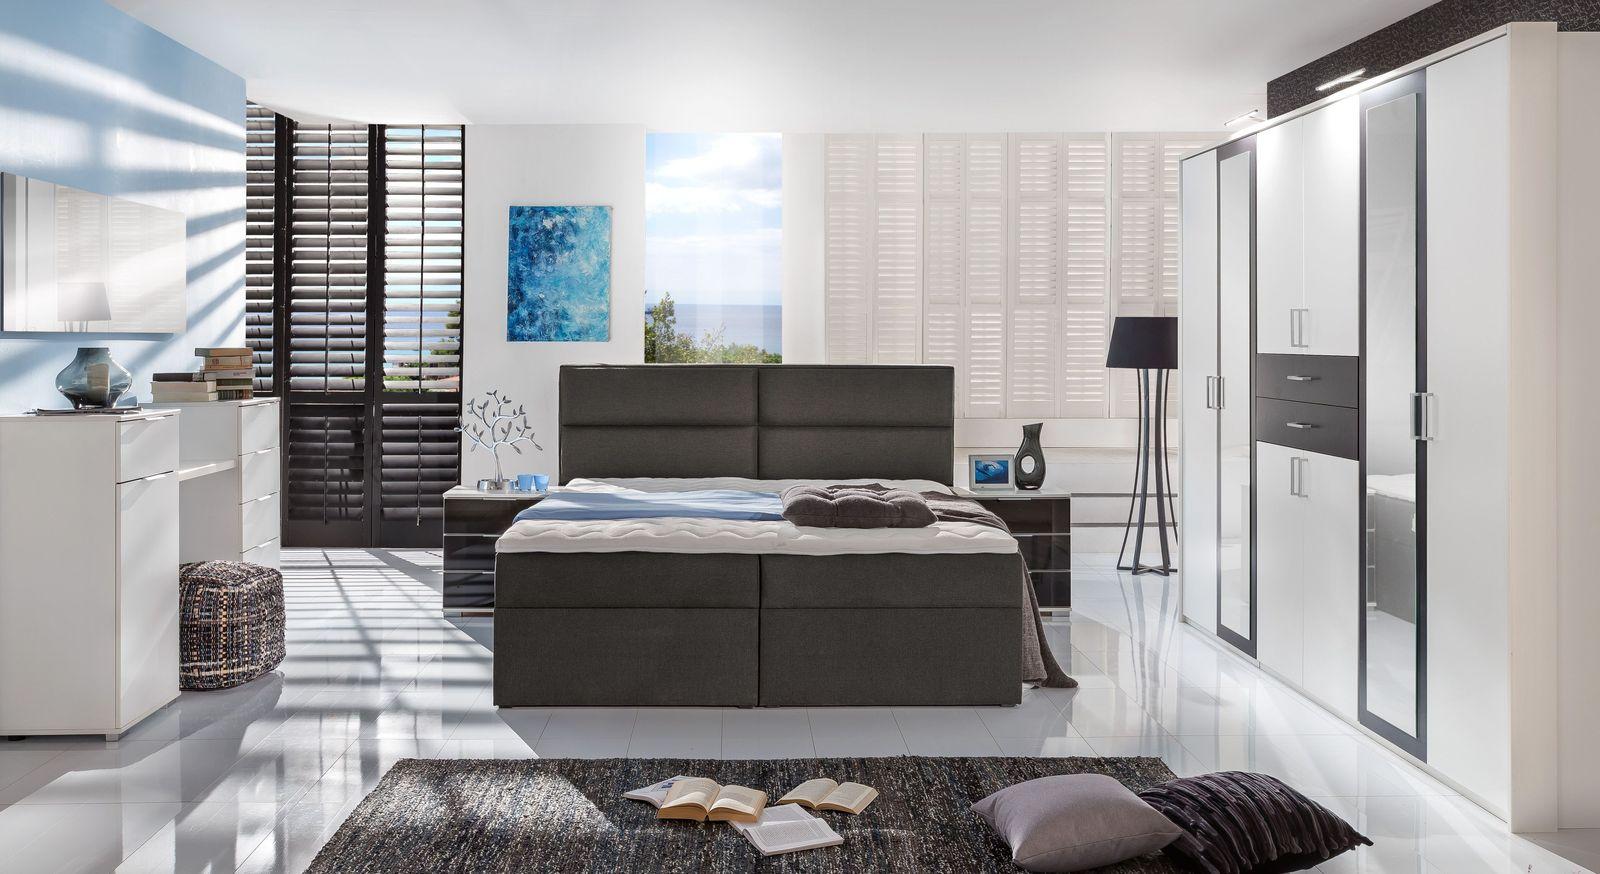 Funktions-Kleiderschrank Belcastro mit passenden Möbeln